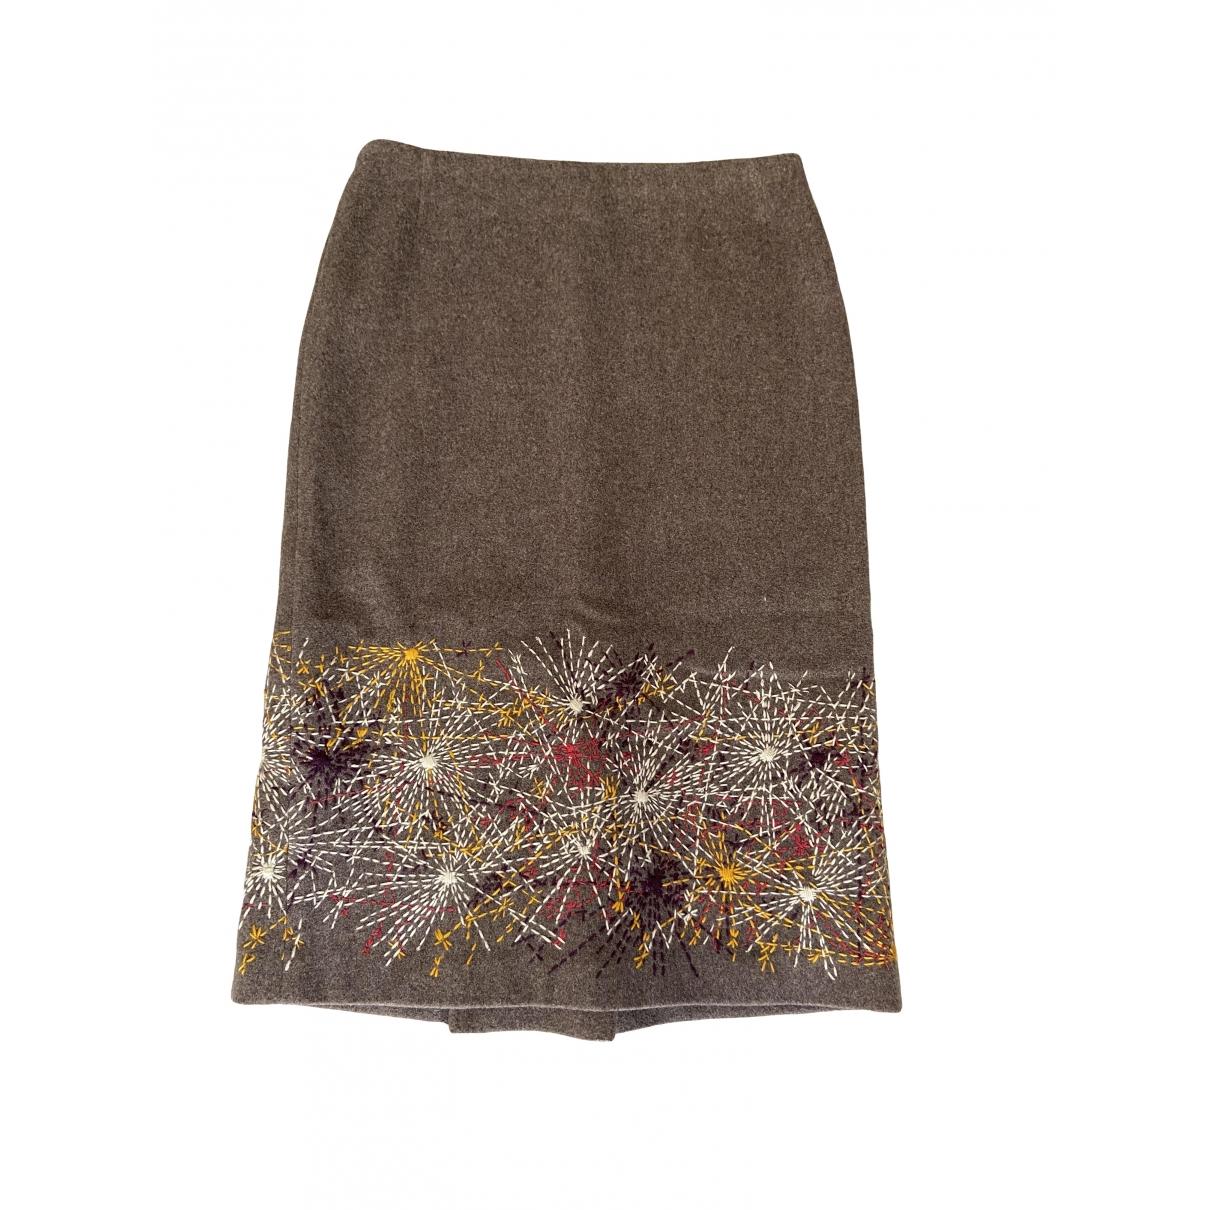 Dries Van Noten - Jupe   pour femme en laine - marron